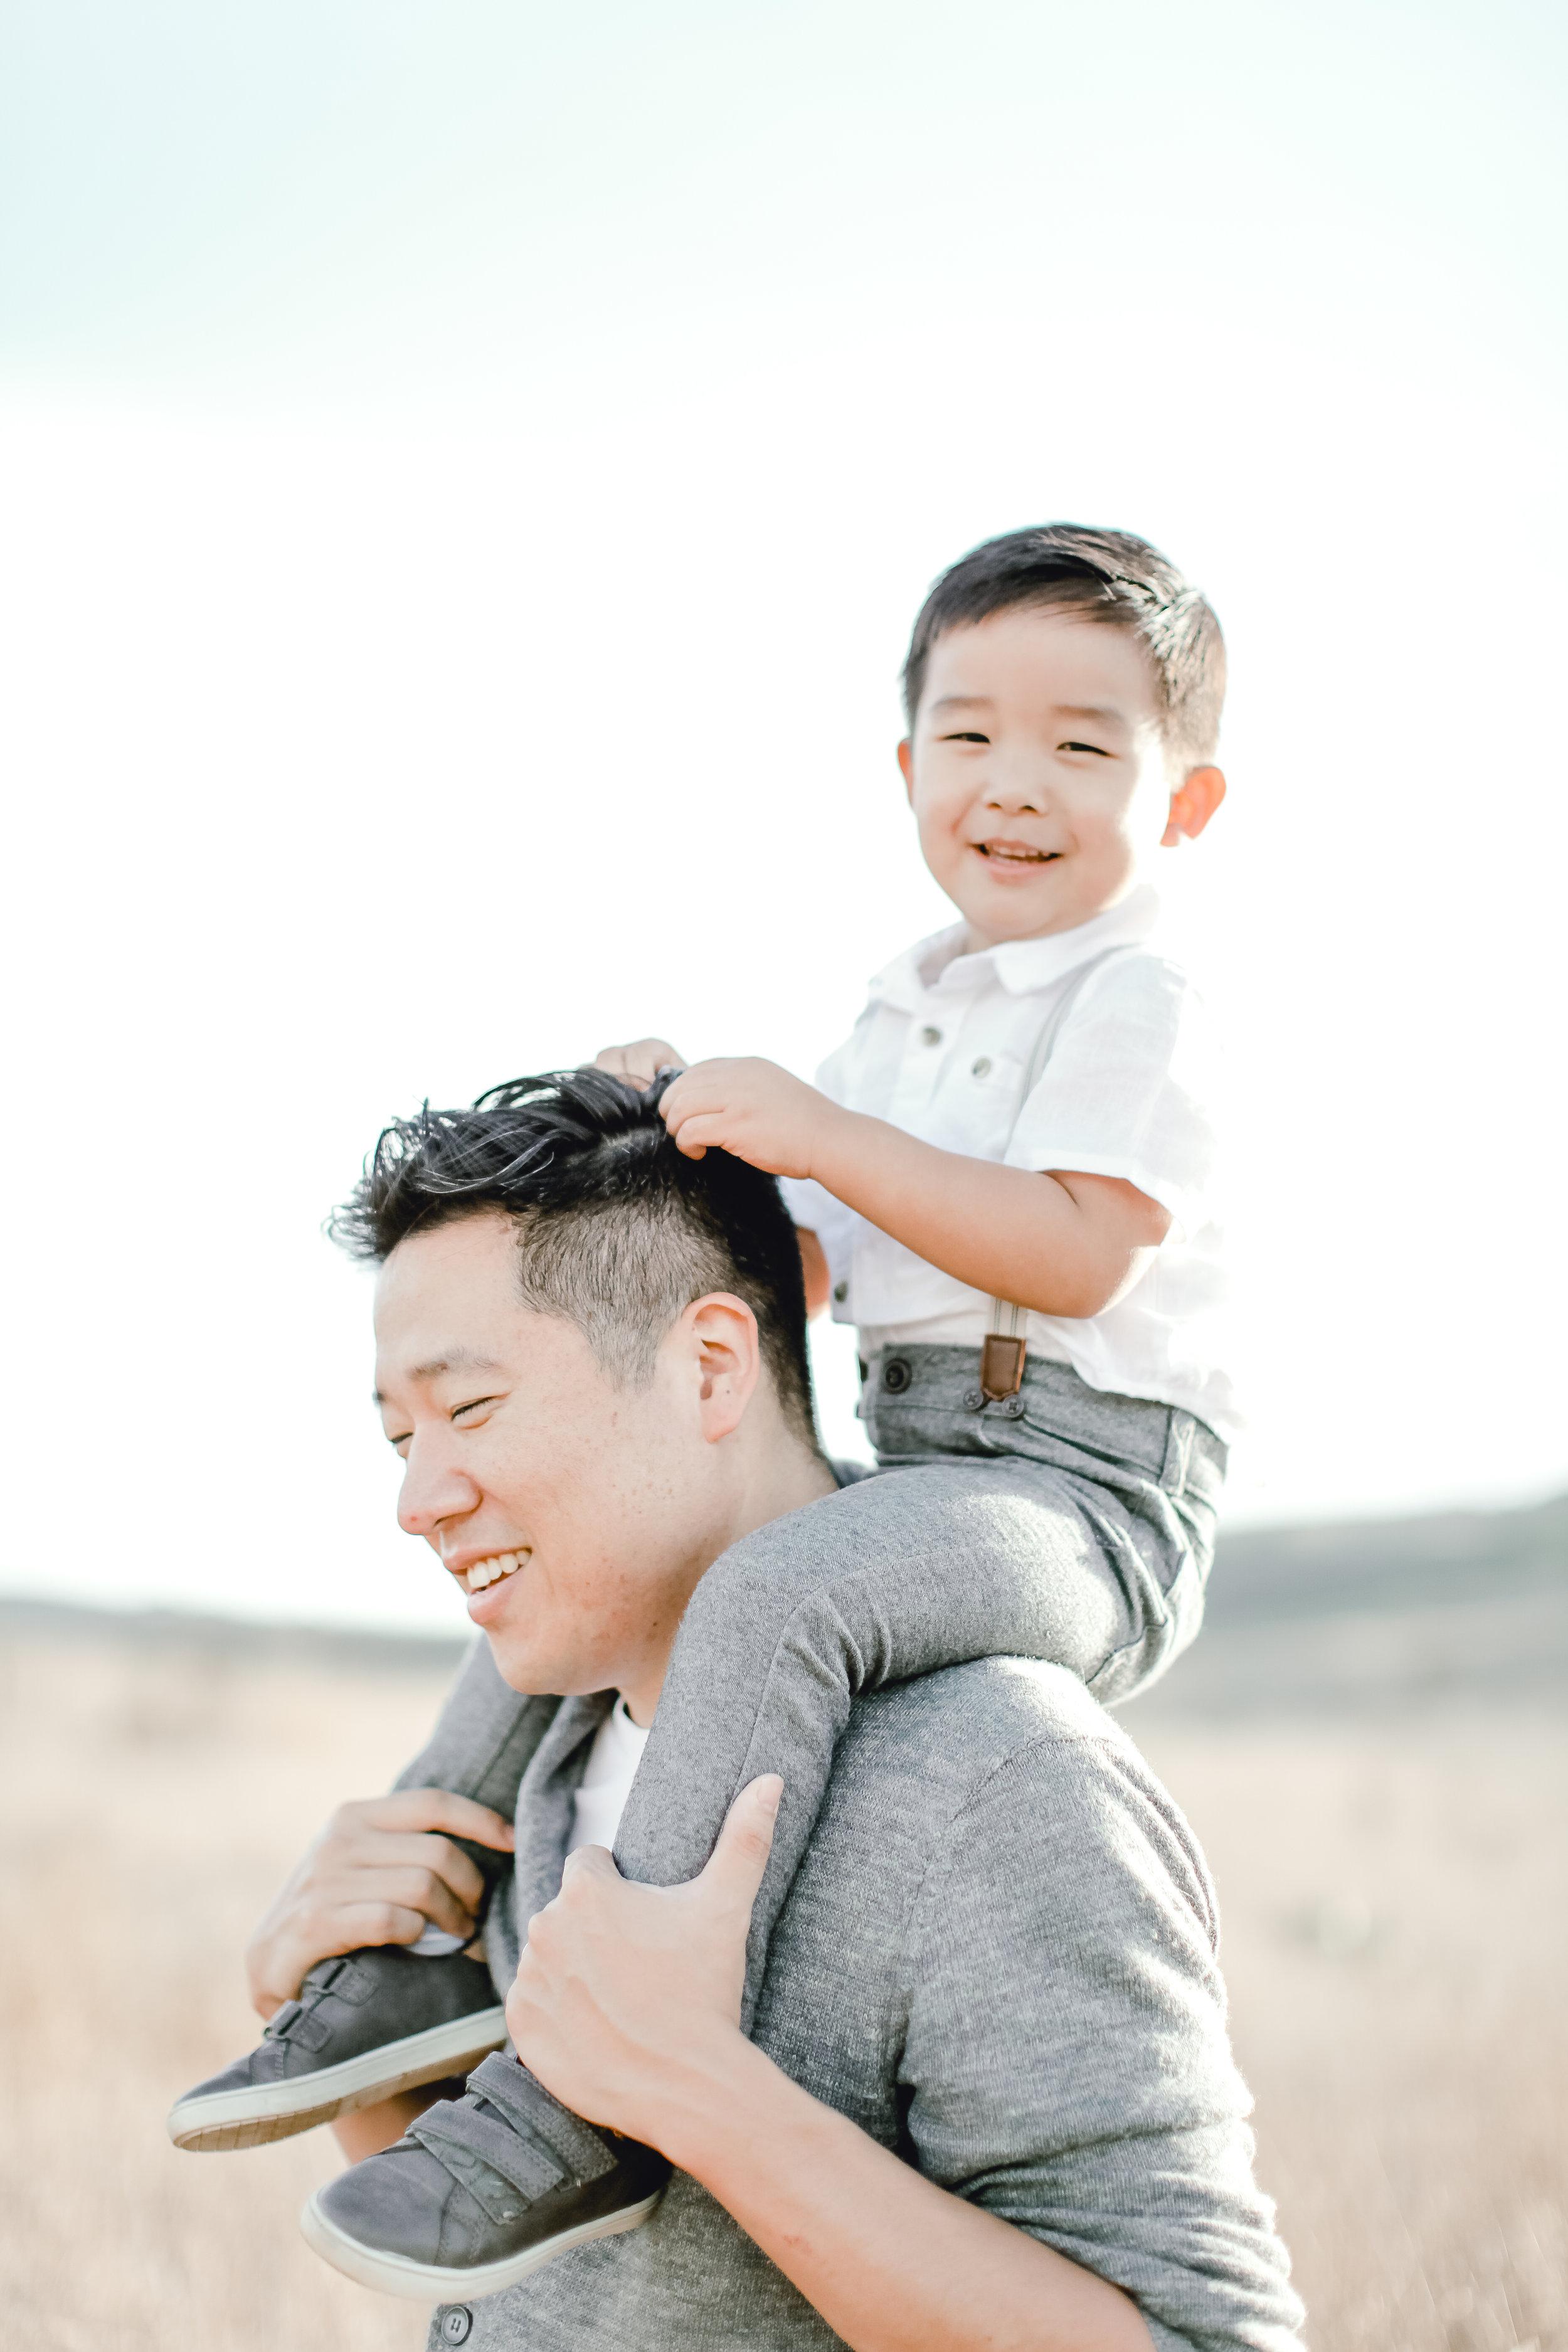 Cori-Kleckner-Photography-  Lee Family Session1-49.JPG